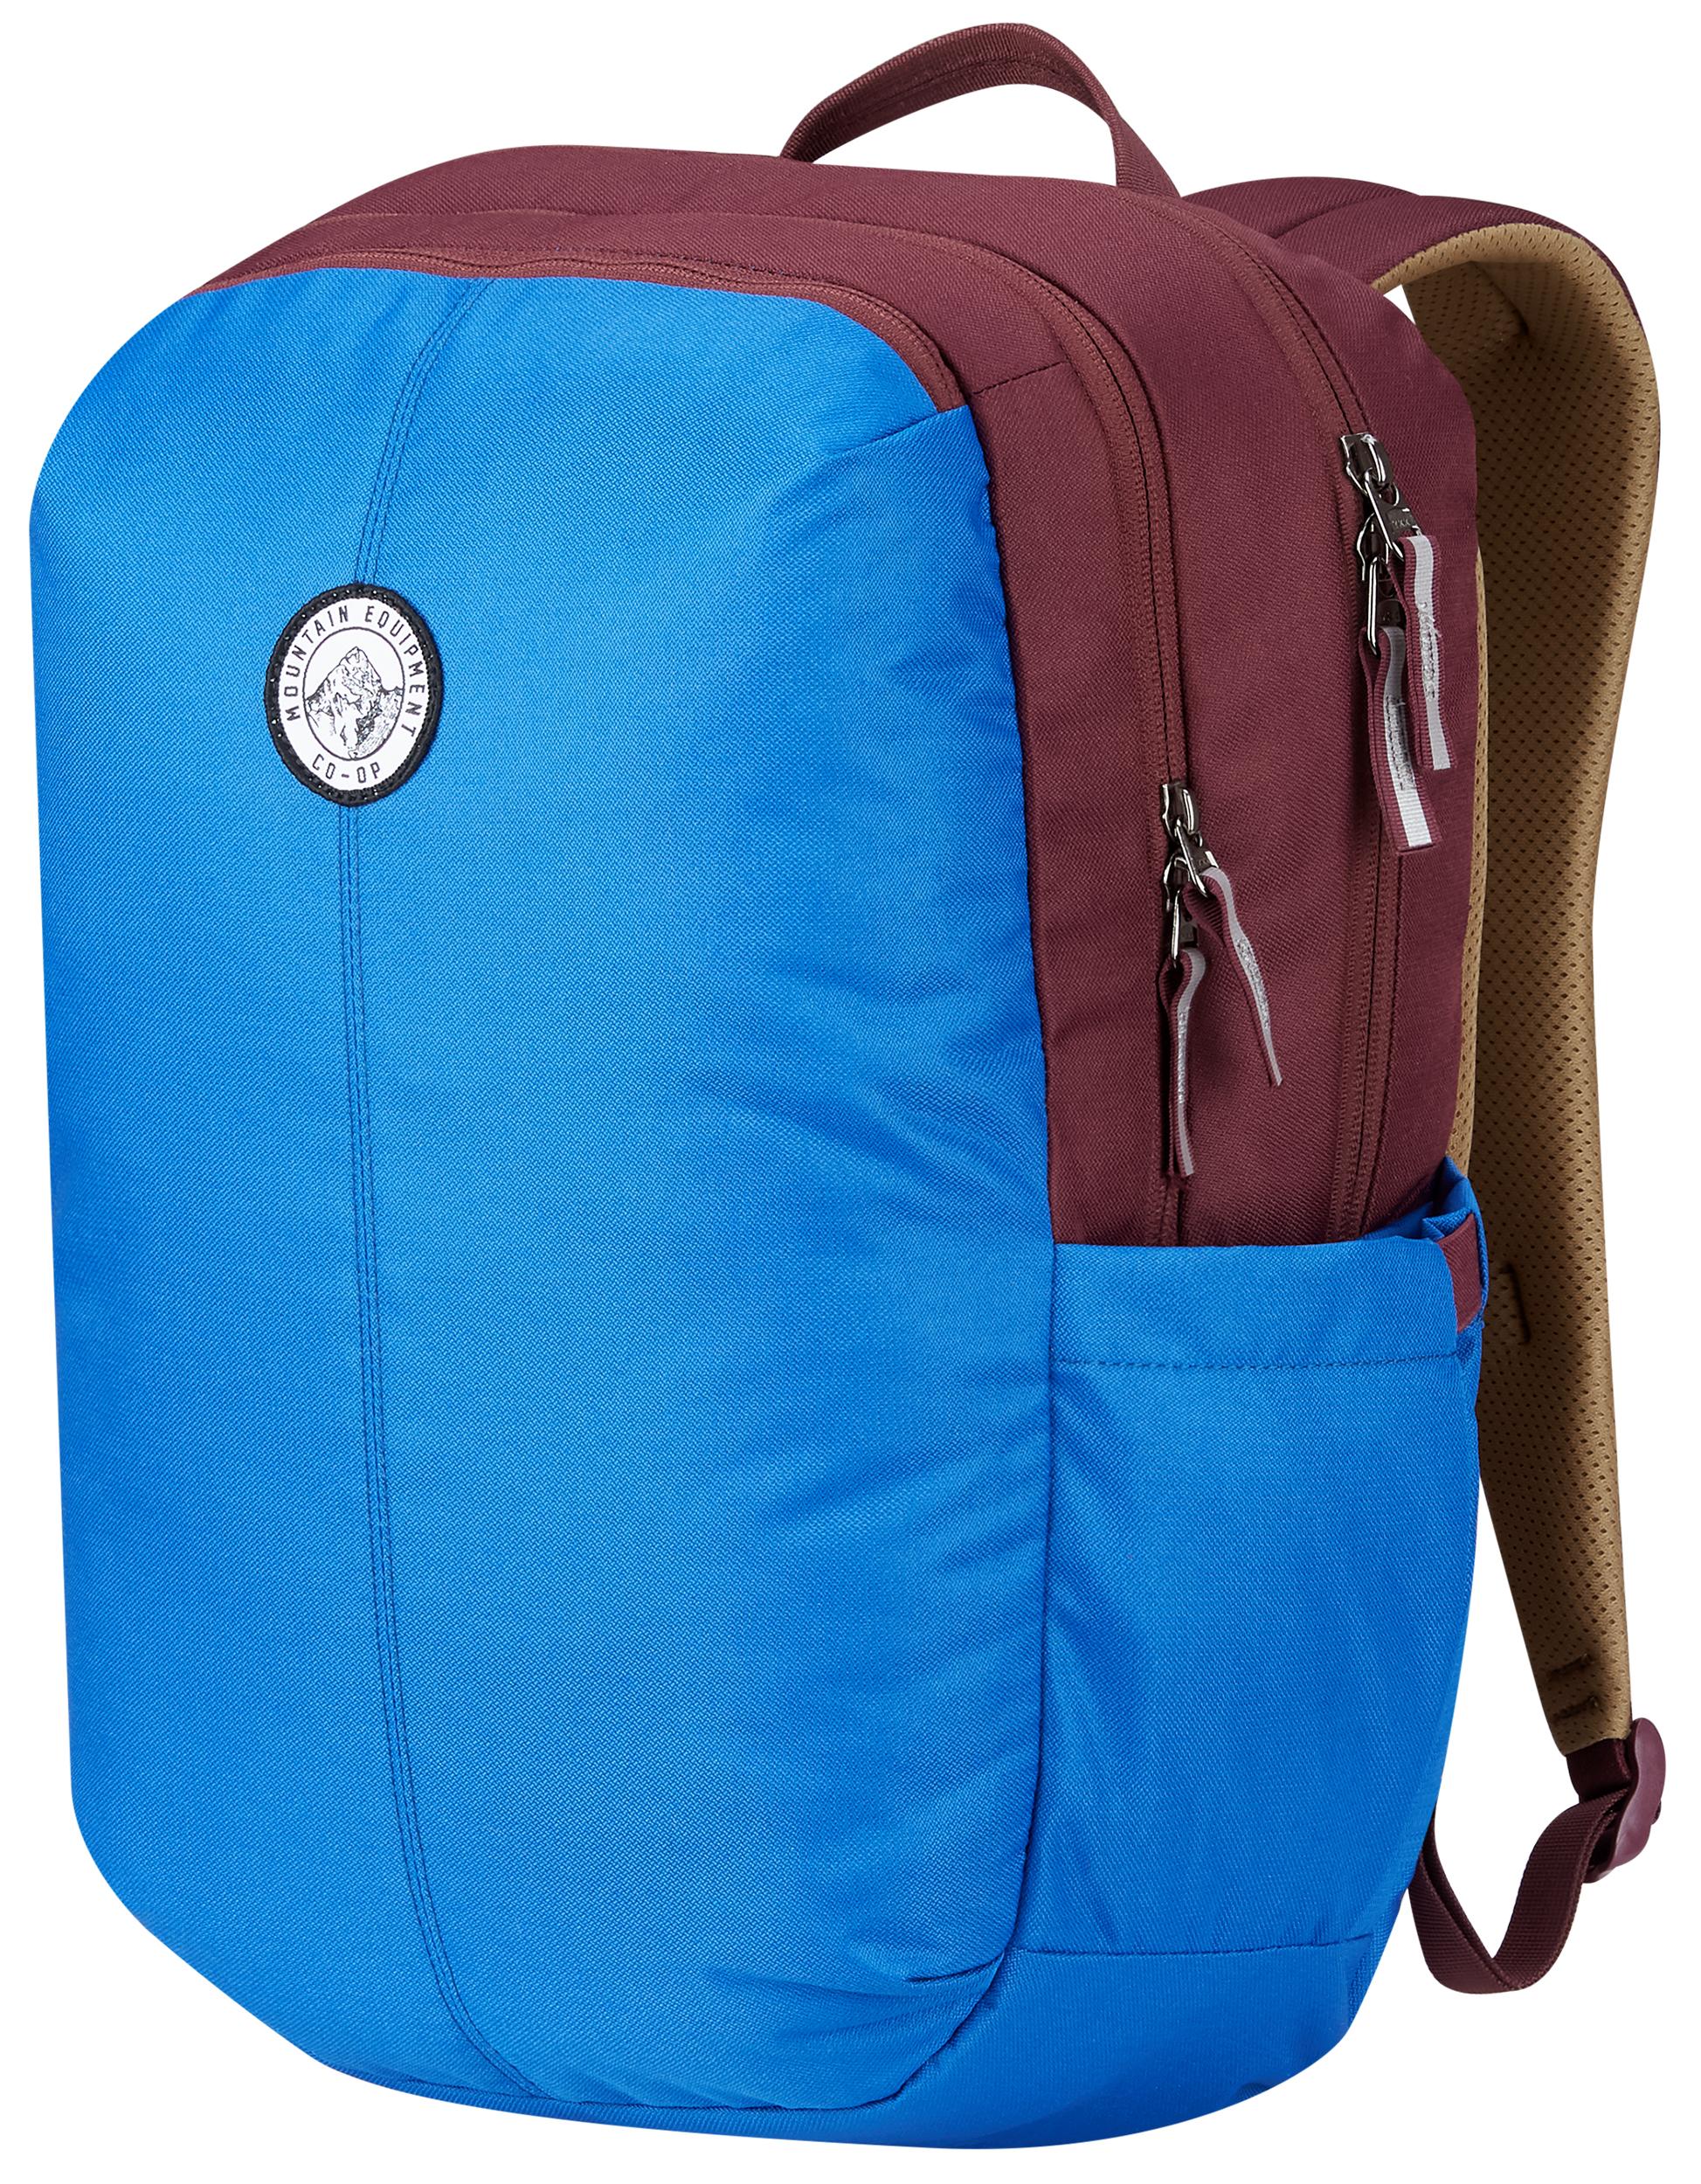 8f1f323cc6b Packs and bags | MEC